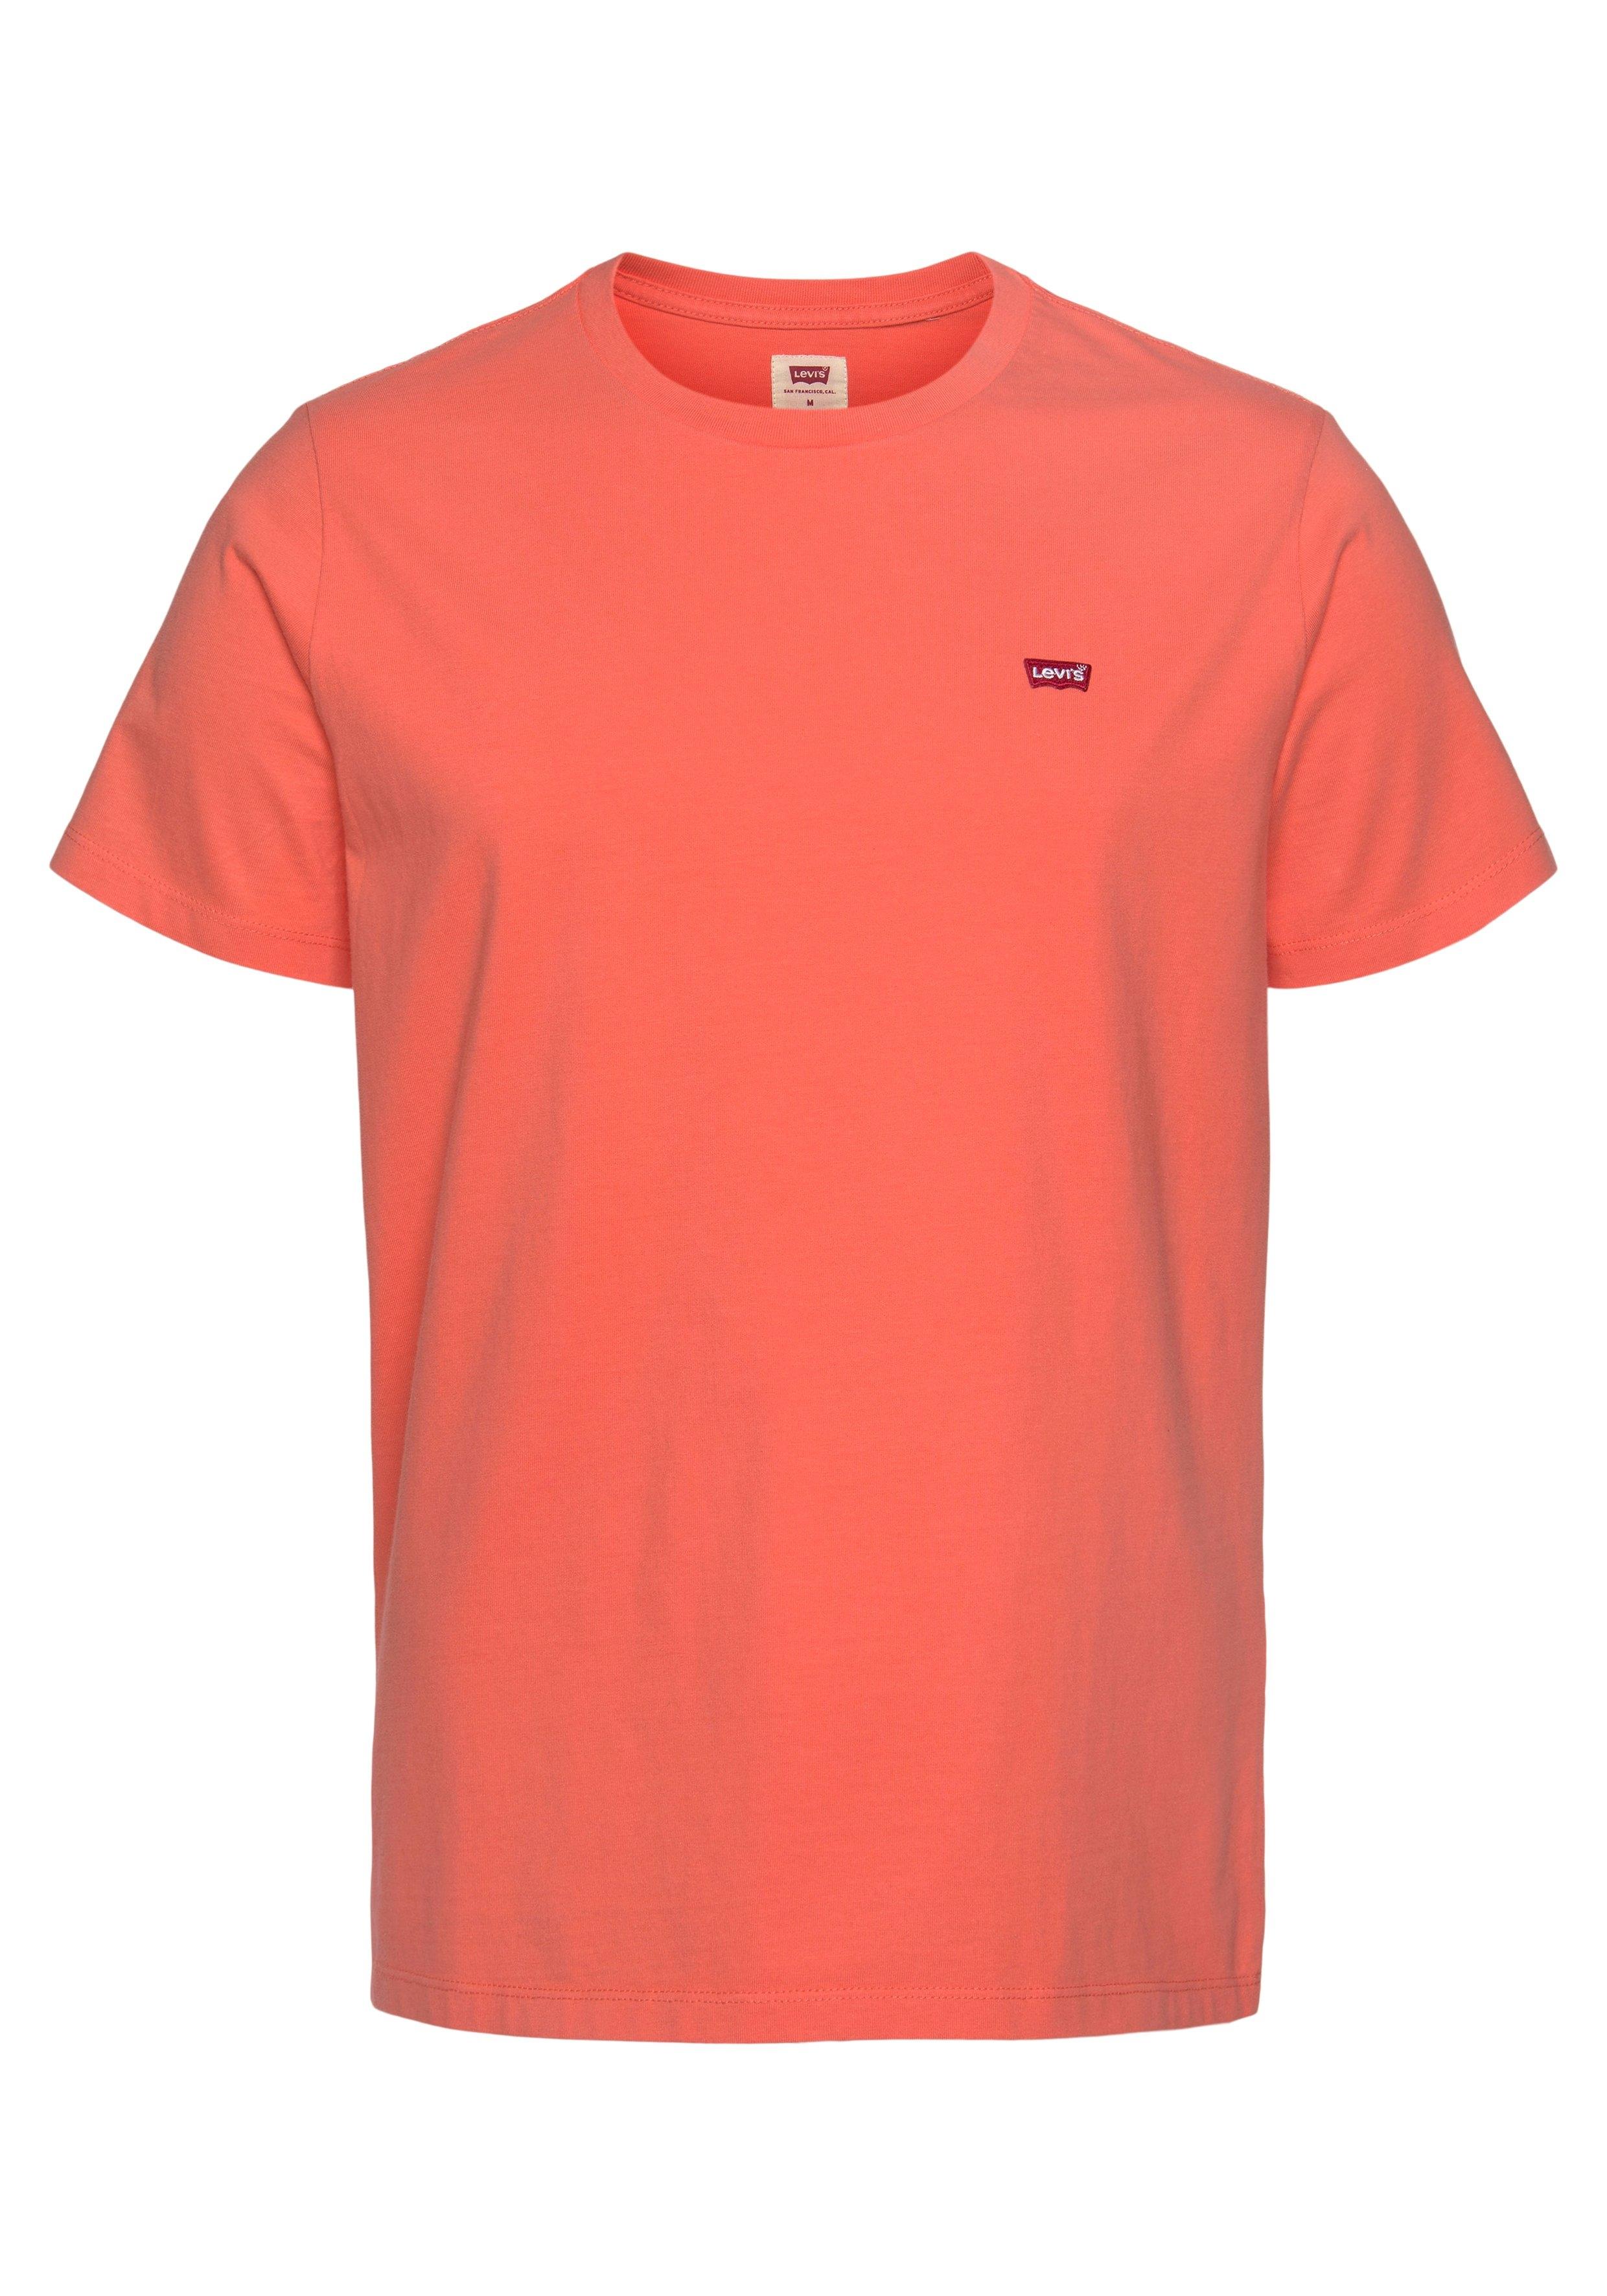 Levi's T-shirt LE SS ORIGINAL HM TEE met batwing-logobadge voordelig en veilig online kopen